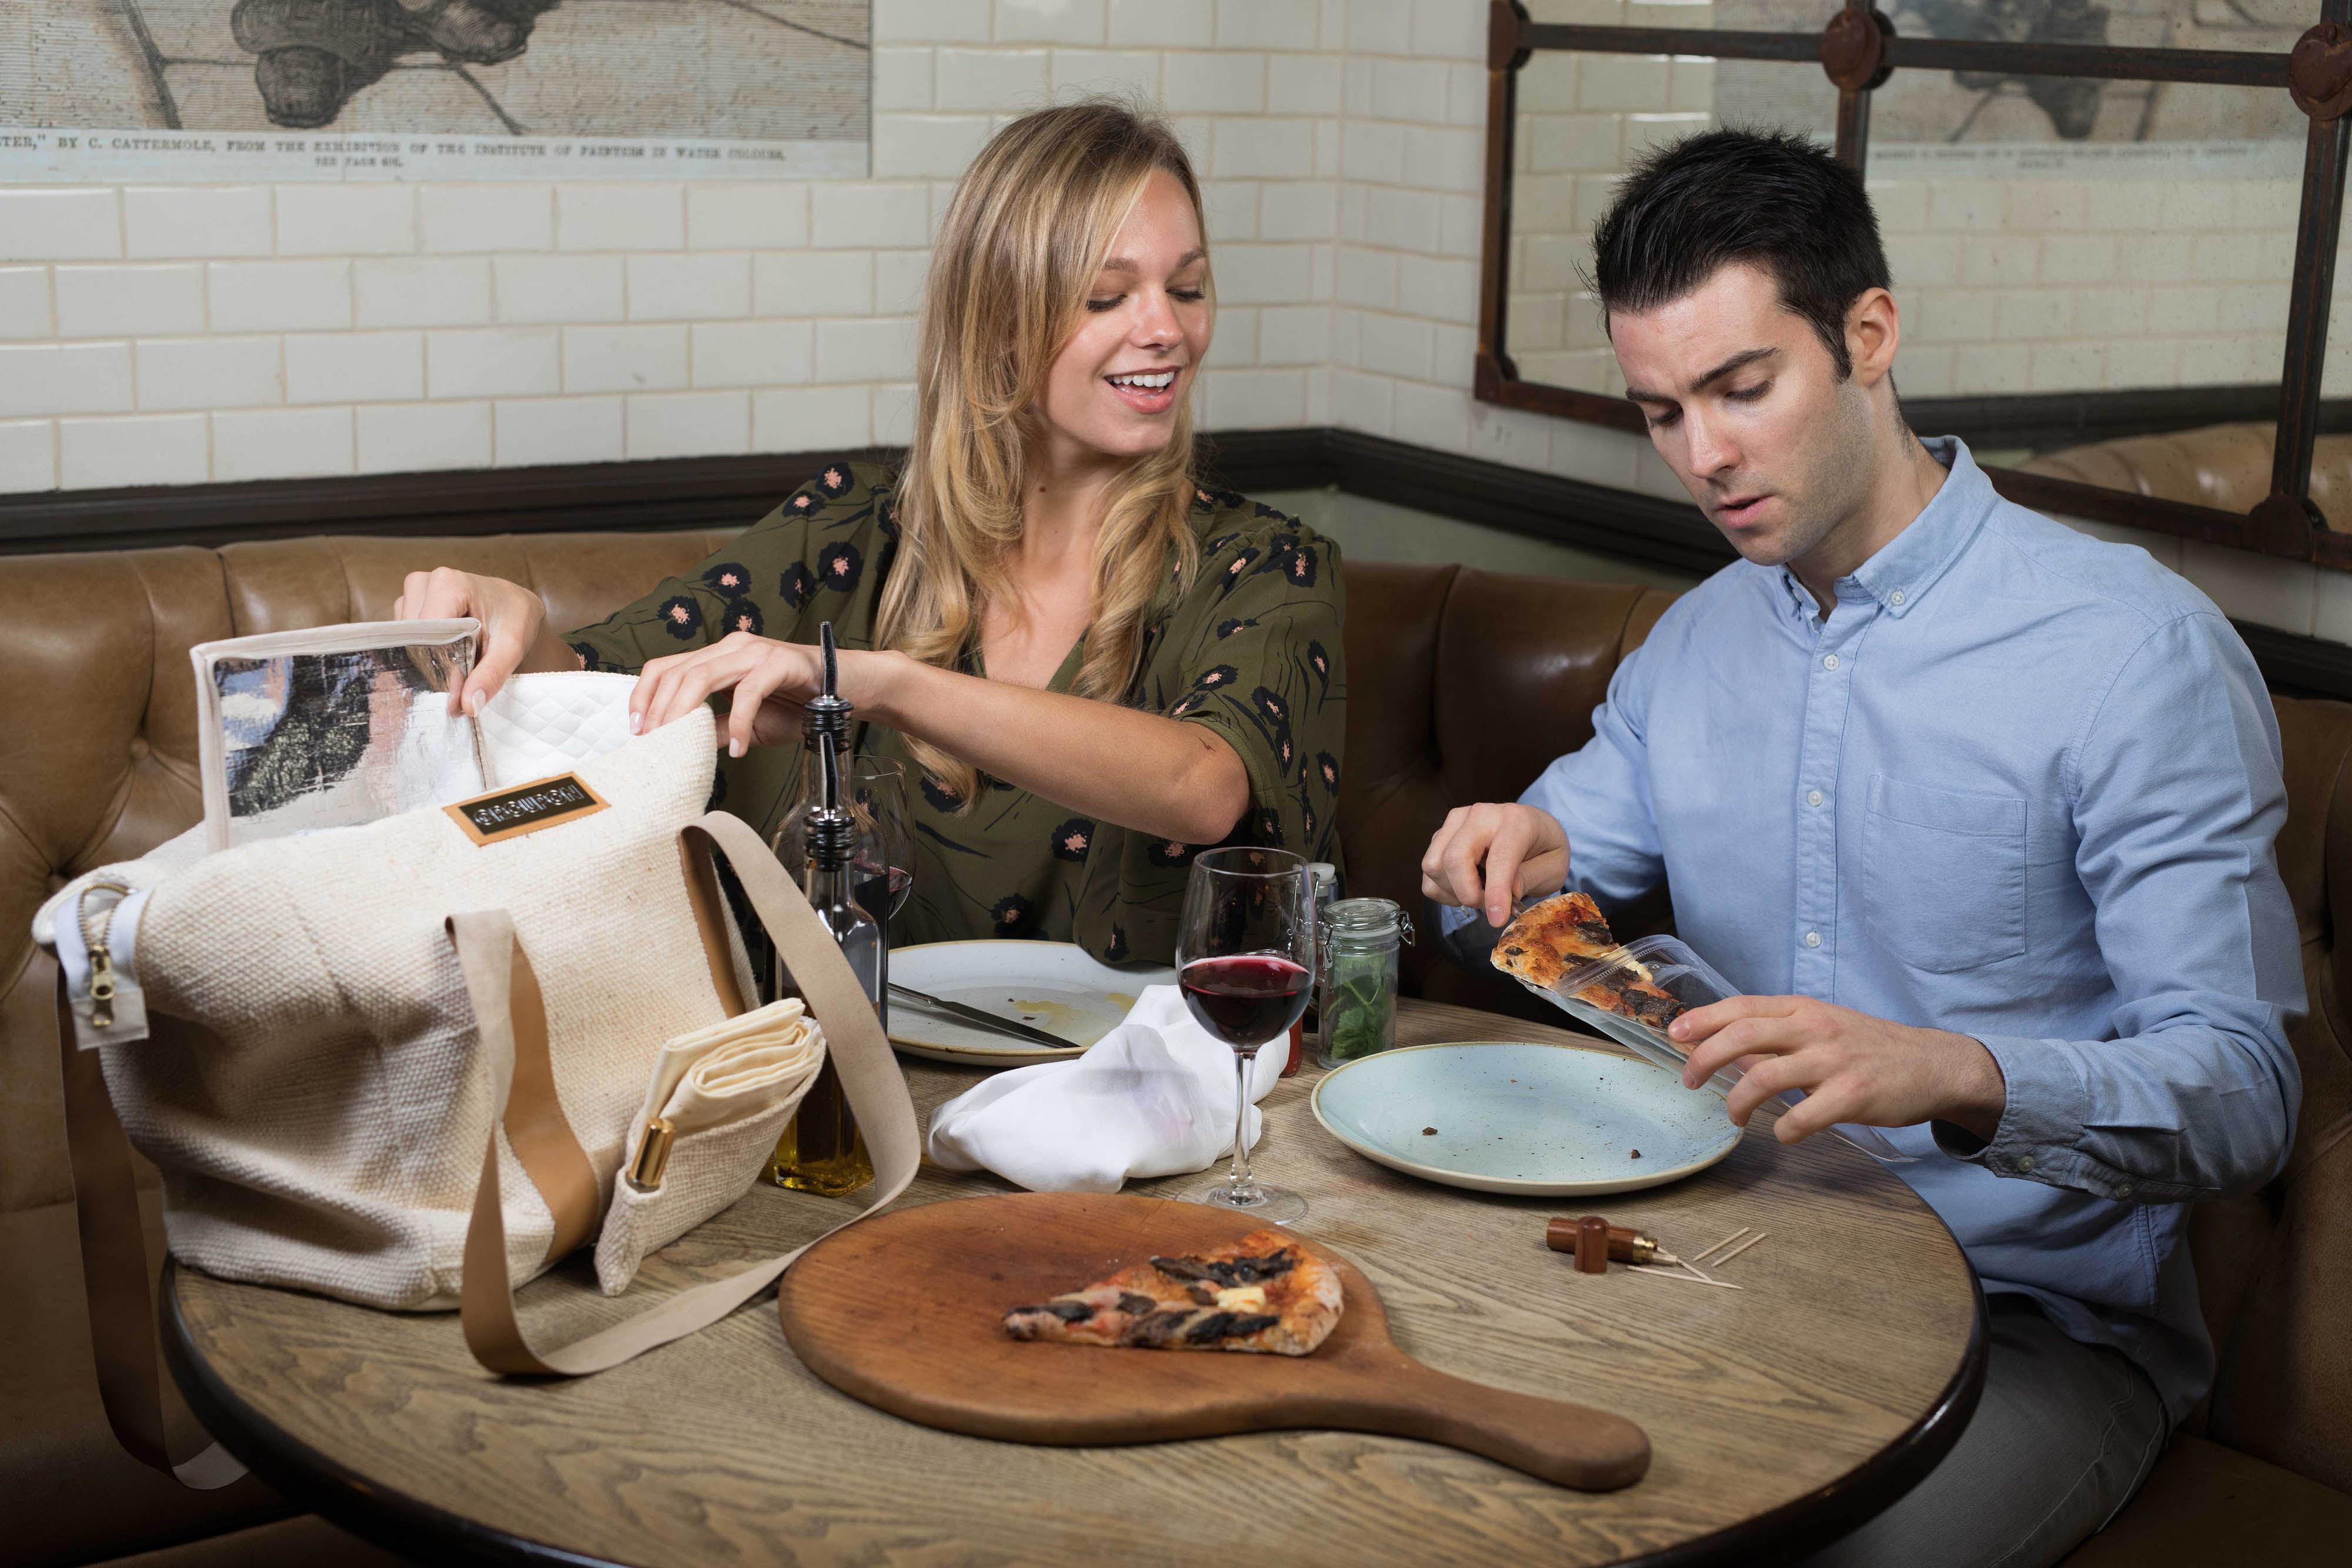 Brits waste third of food